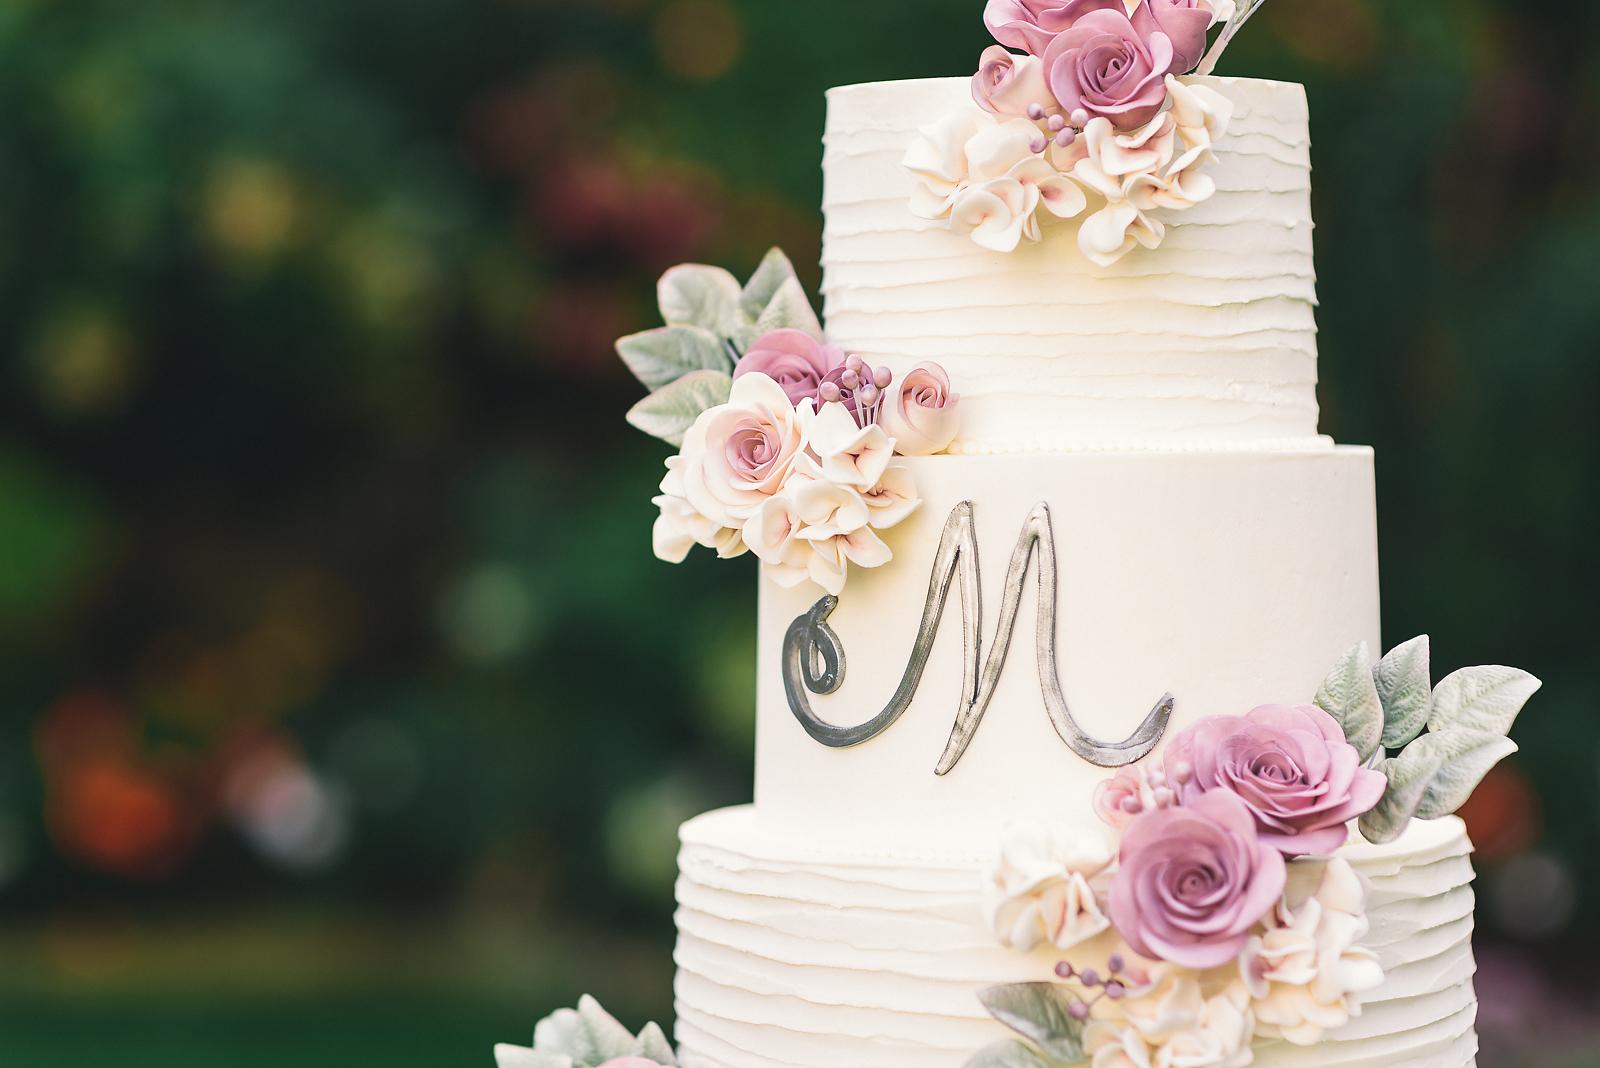 Ruffled Rose Wedding Cake - Sugar Lane Cake Shop